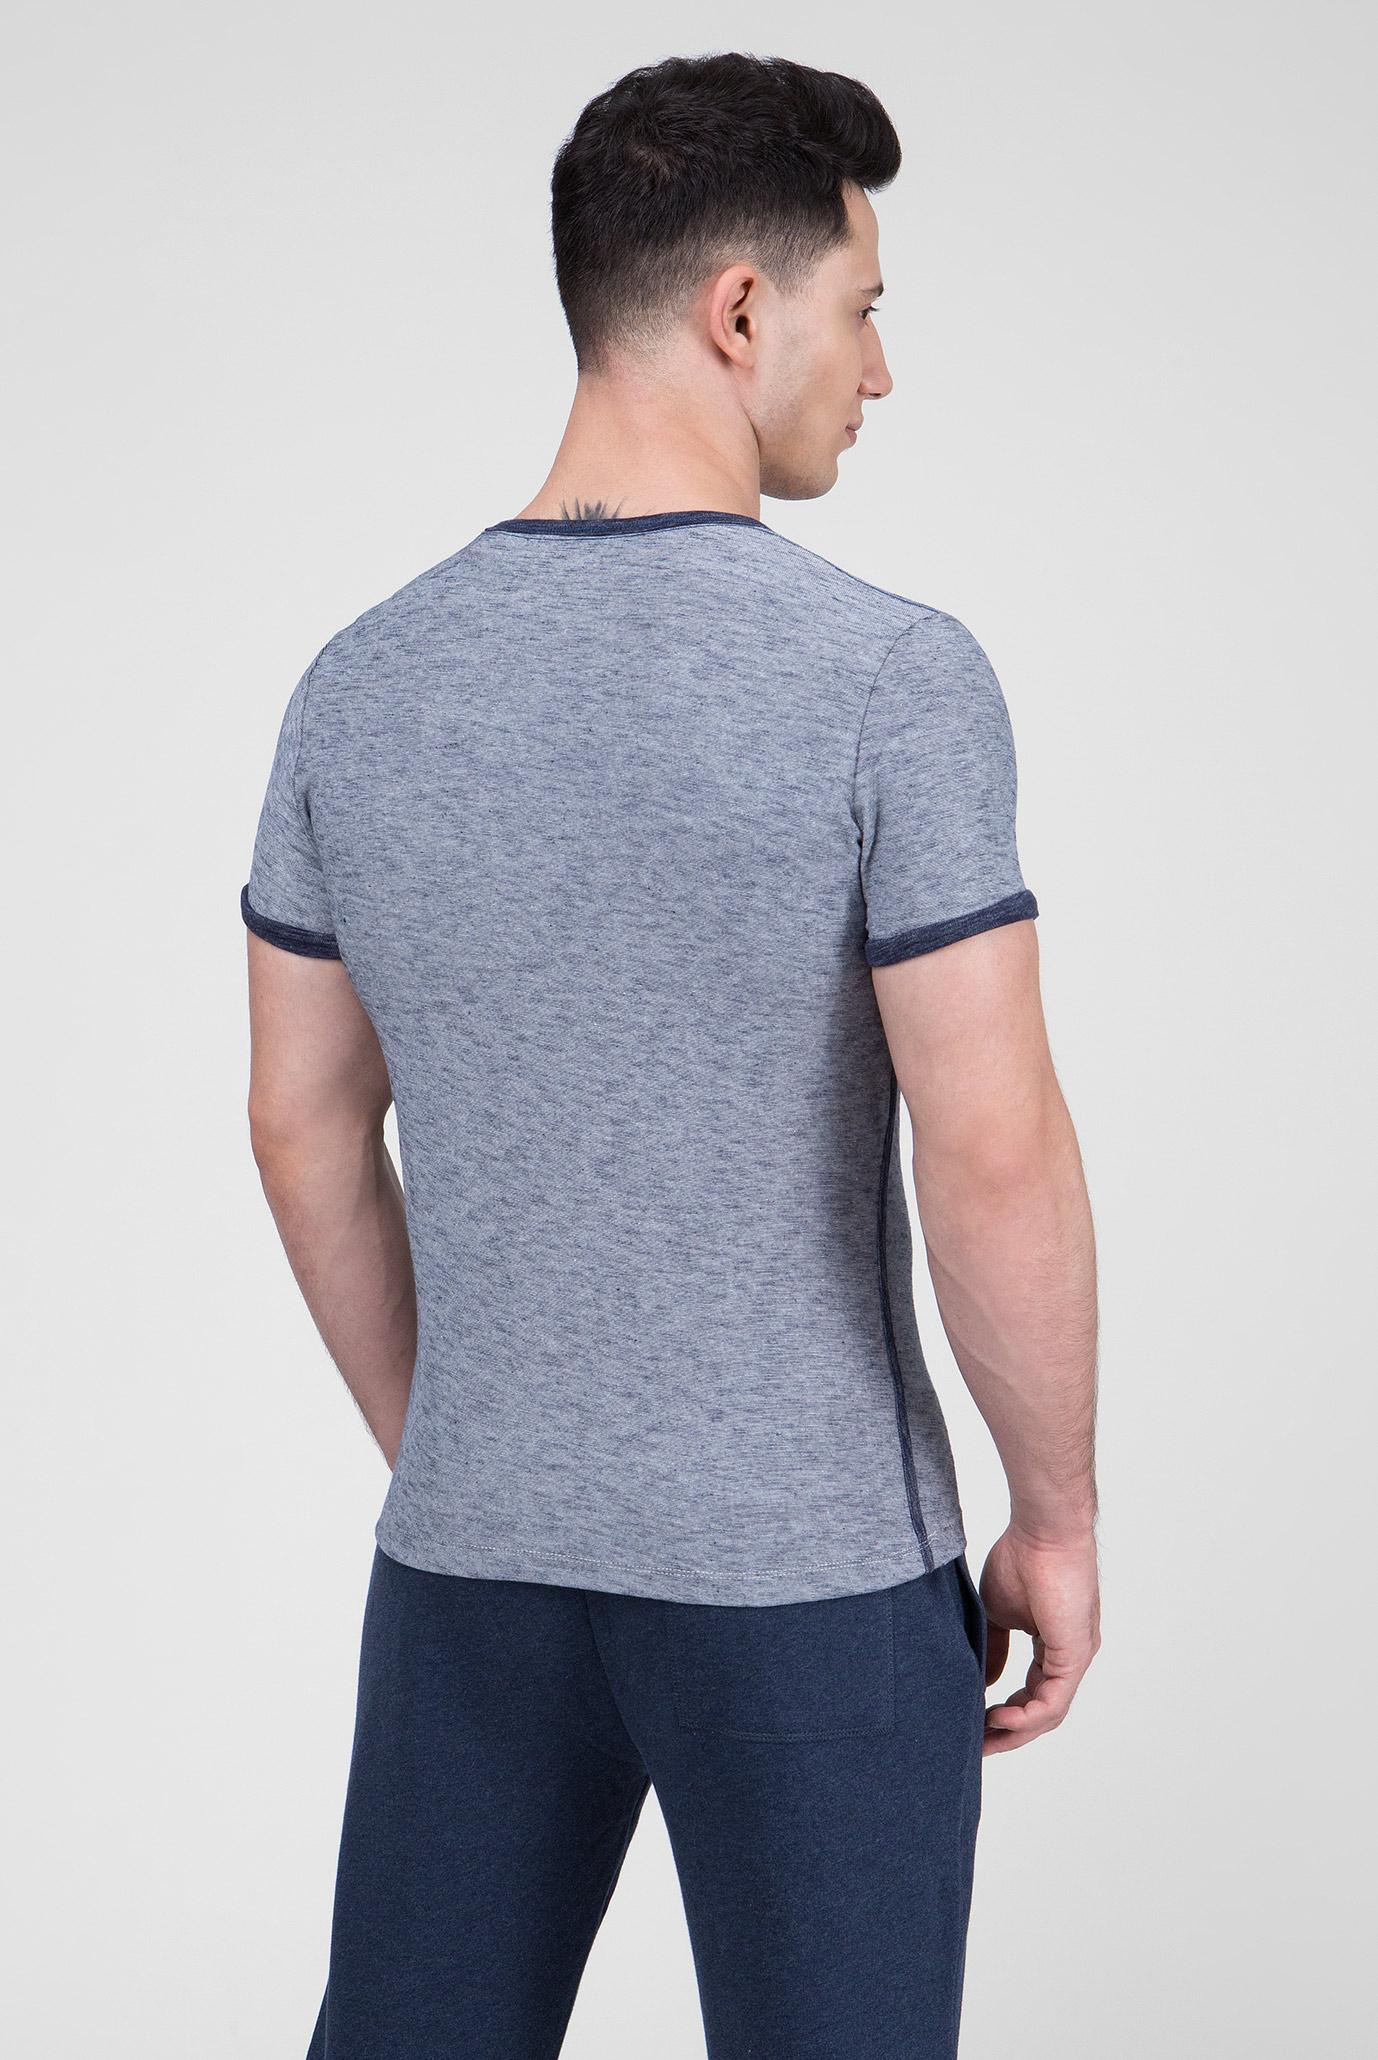 Купить Мужская серая футболка с принтом DELONGE Pepe Jeans Pepe Jeans PM505943 – Киев, Украина. Цены в интернет магазине MD Fashion